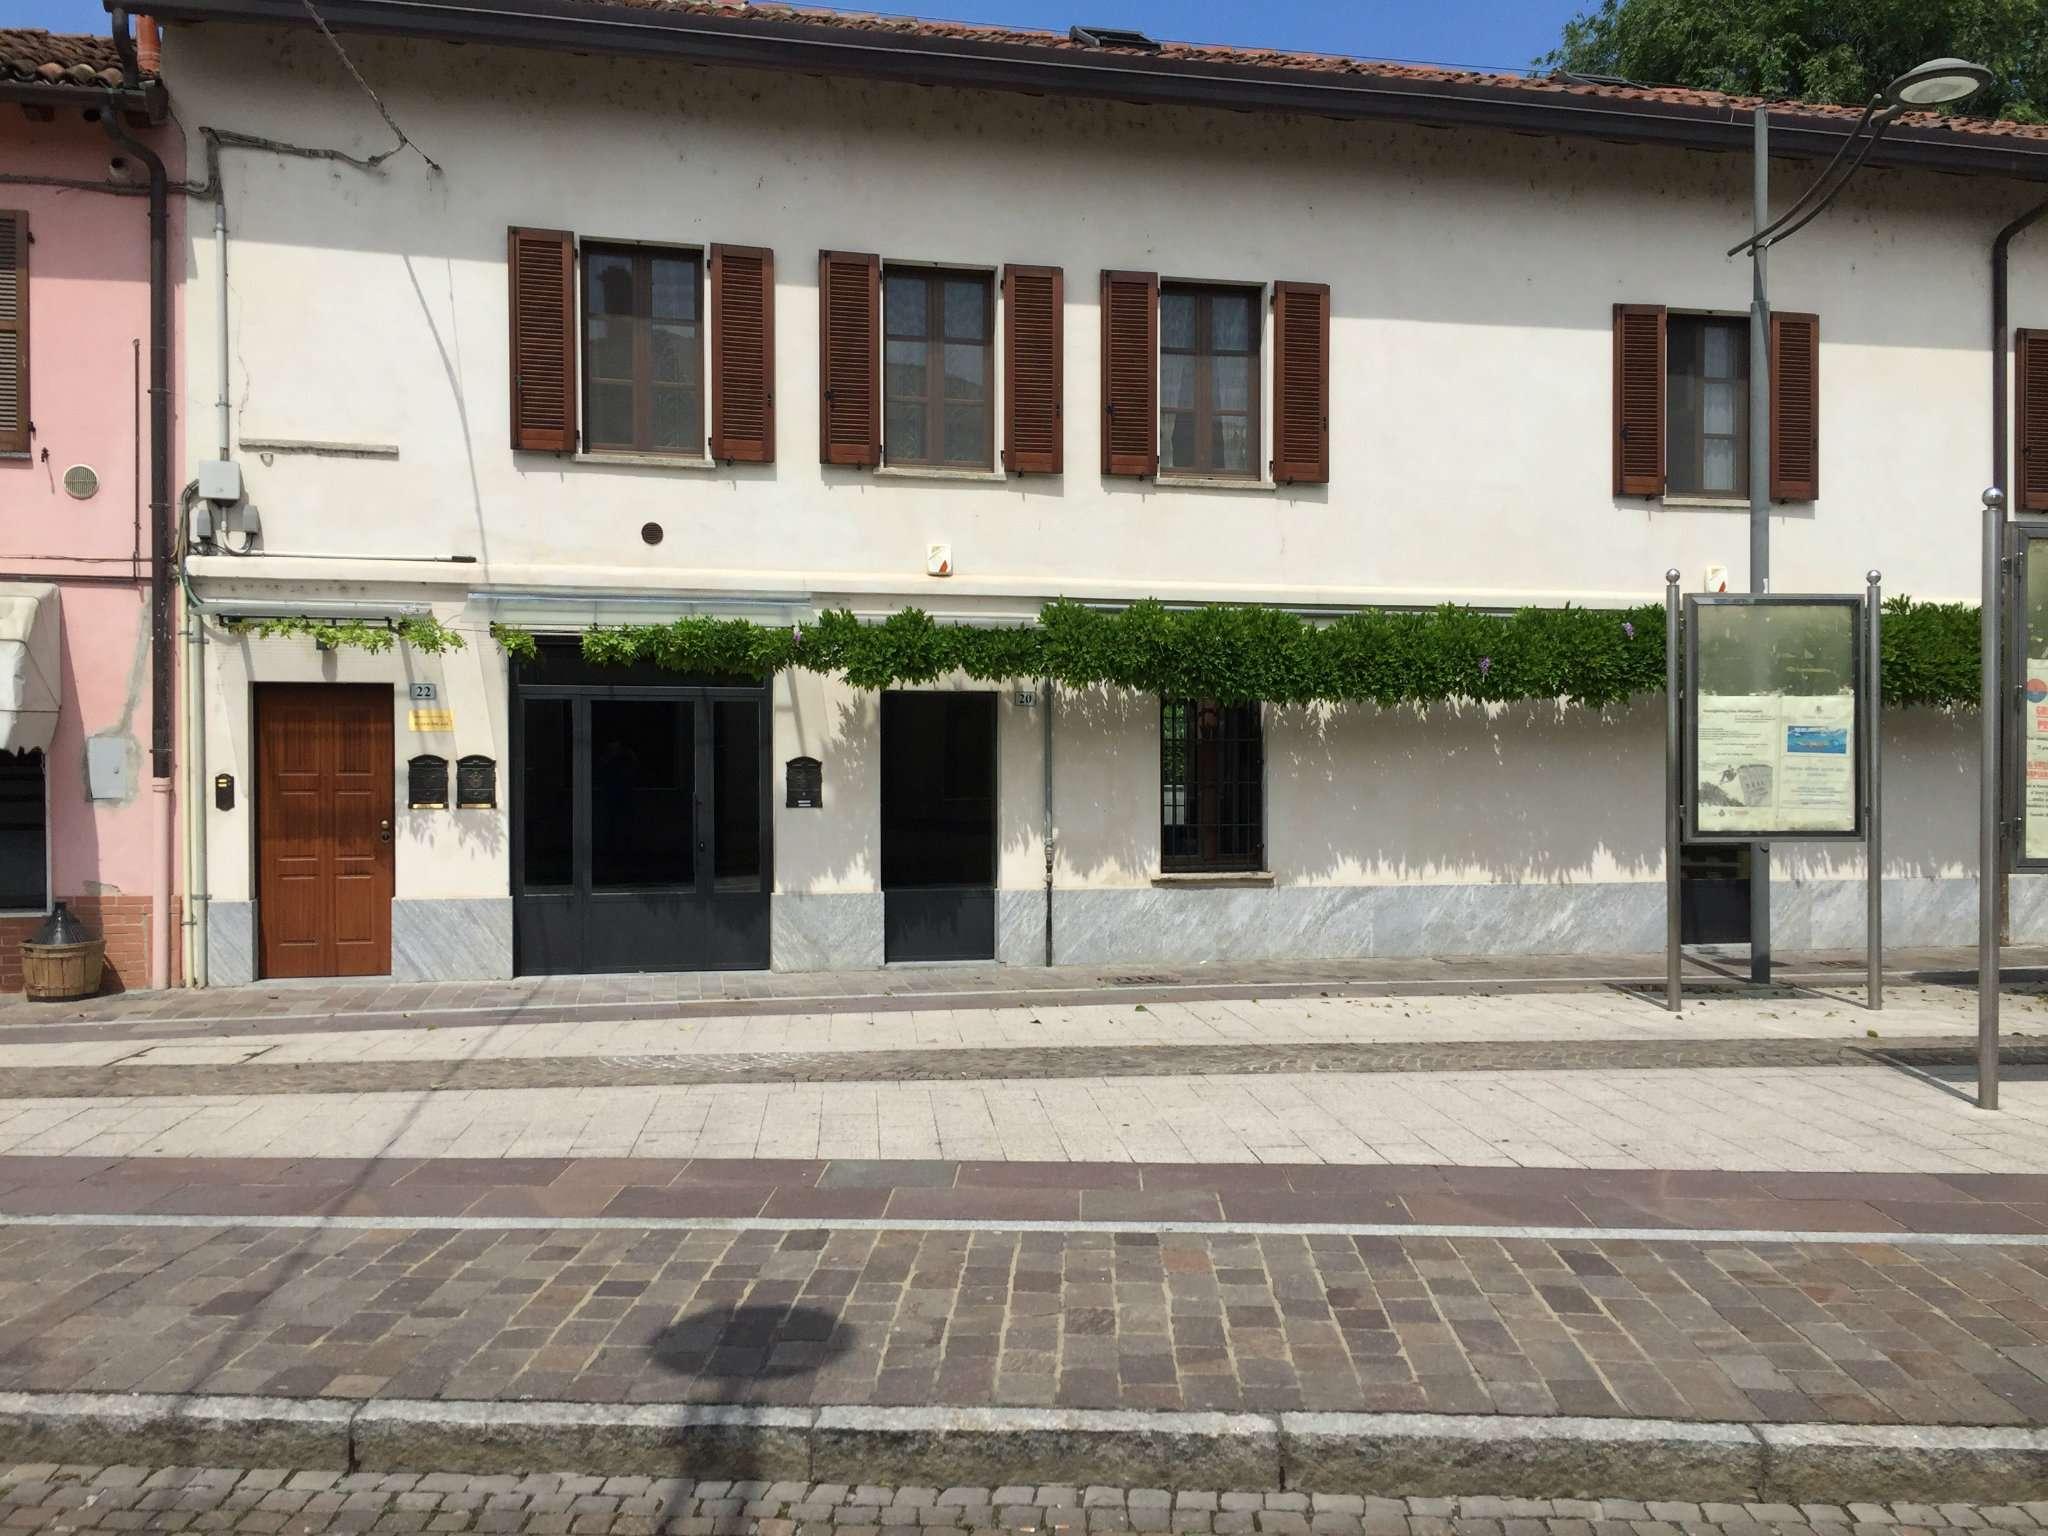 Negozio / Locale in affitto a Carpiano, 9999 locali, prezzo € 2.200 | CambioCasa.it